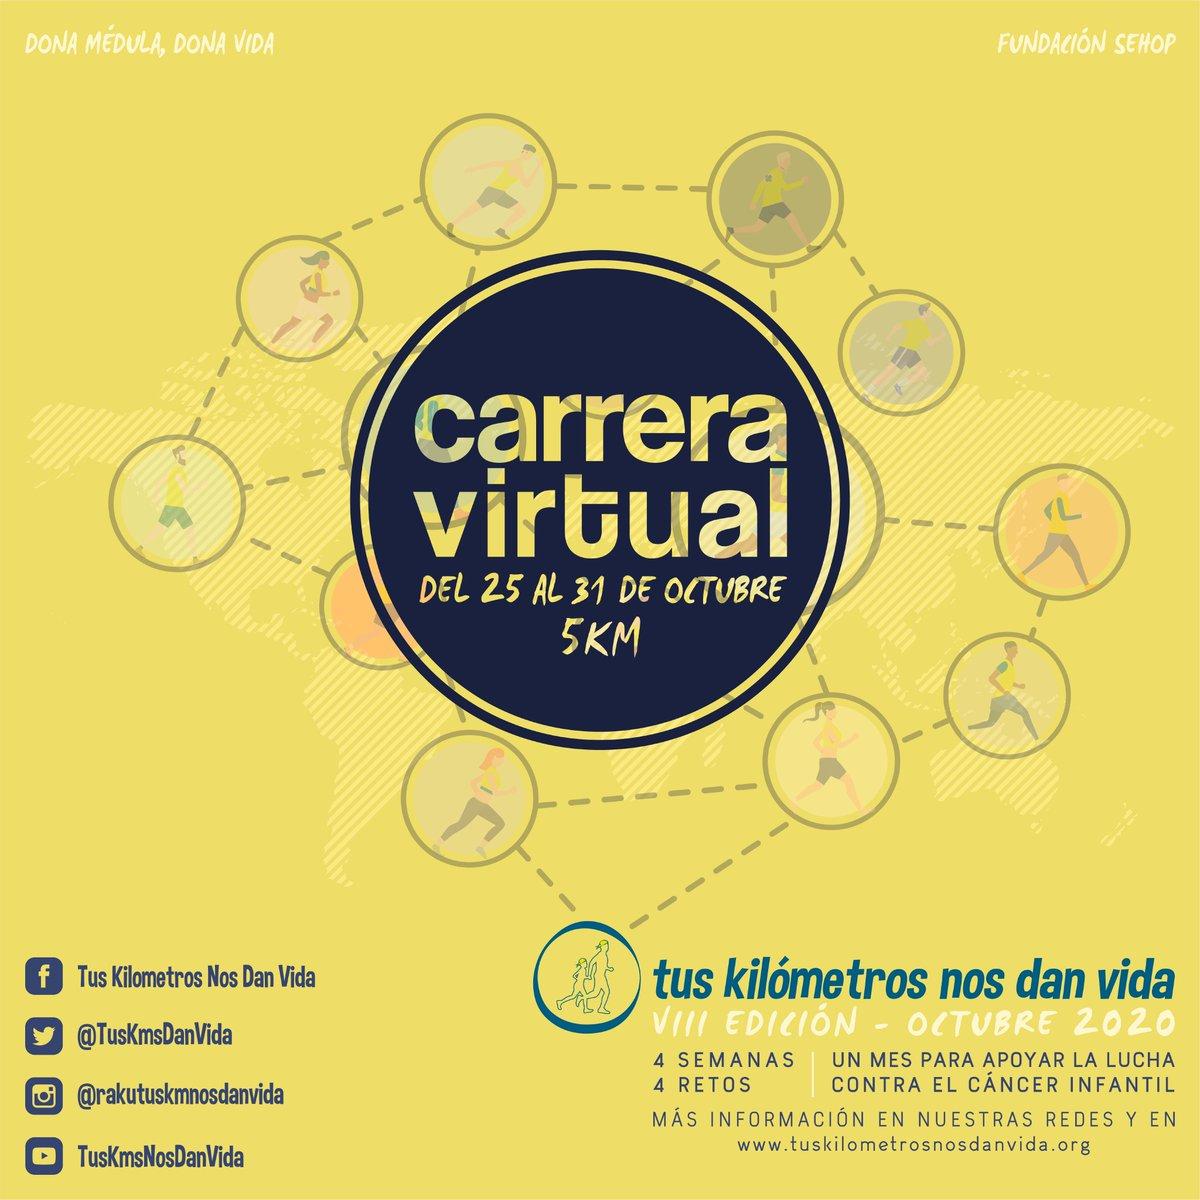 La carrera contra el cáncer infantil se celebra este año de manera virtual